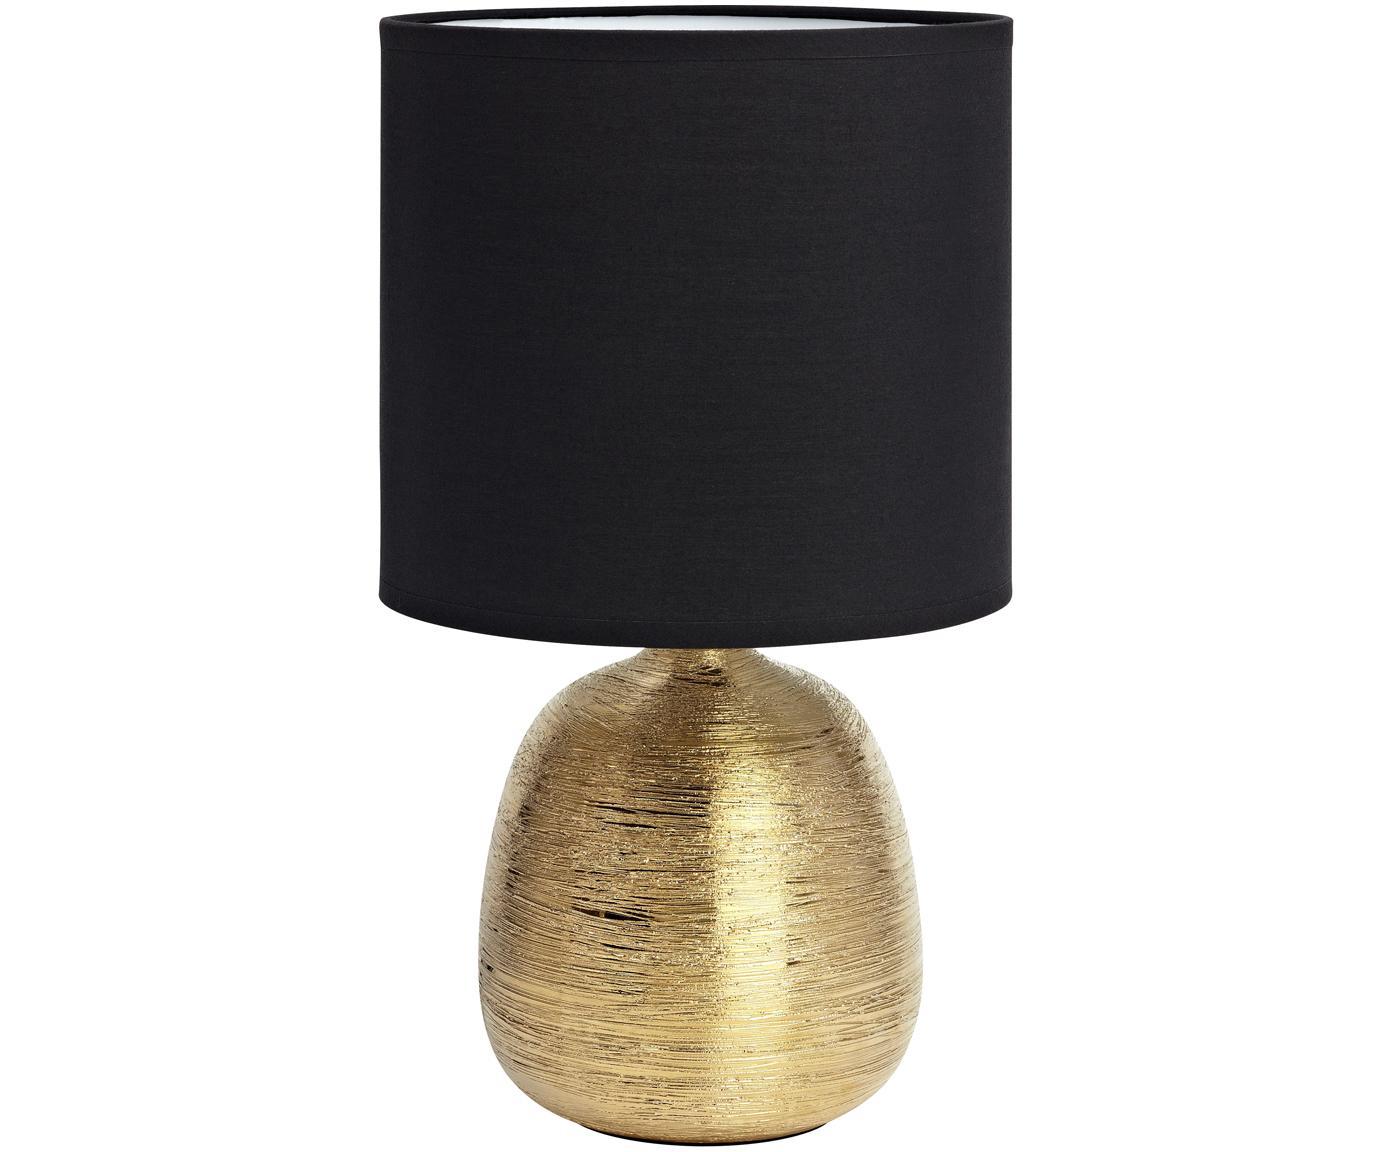 Lampa stołowa Oscar, Czarny, złoty, Ø 20 x 39 cm